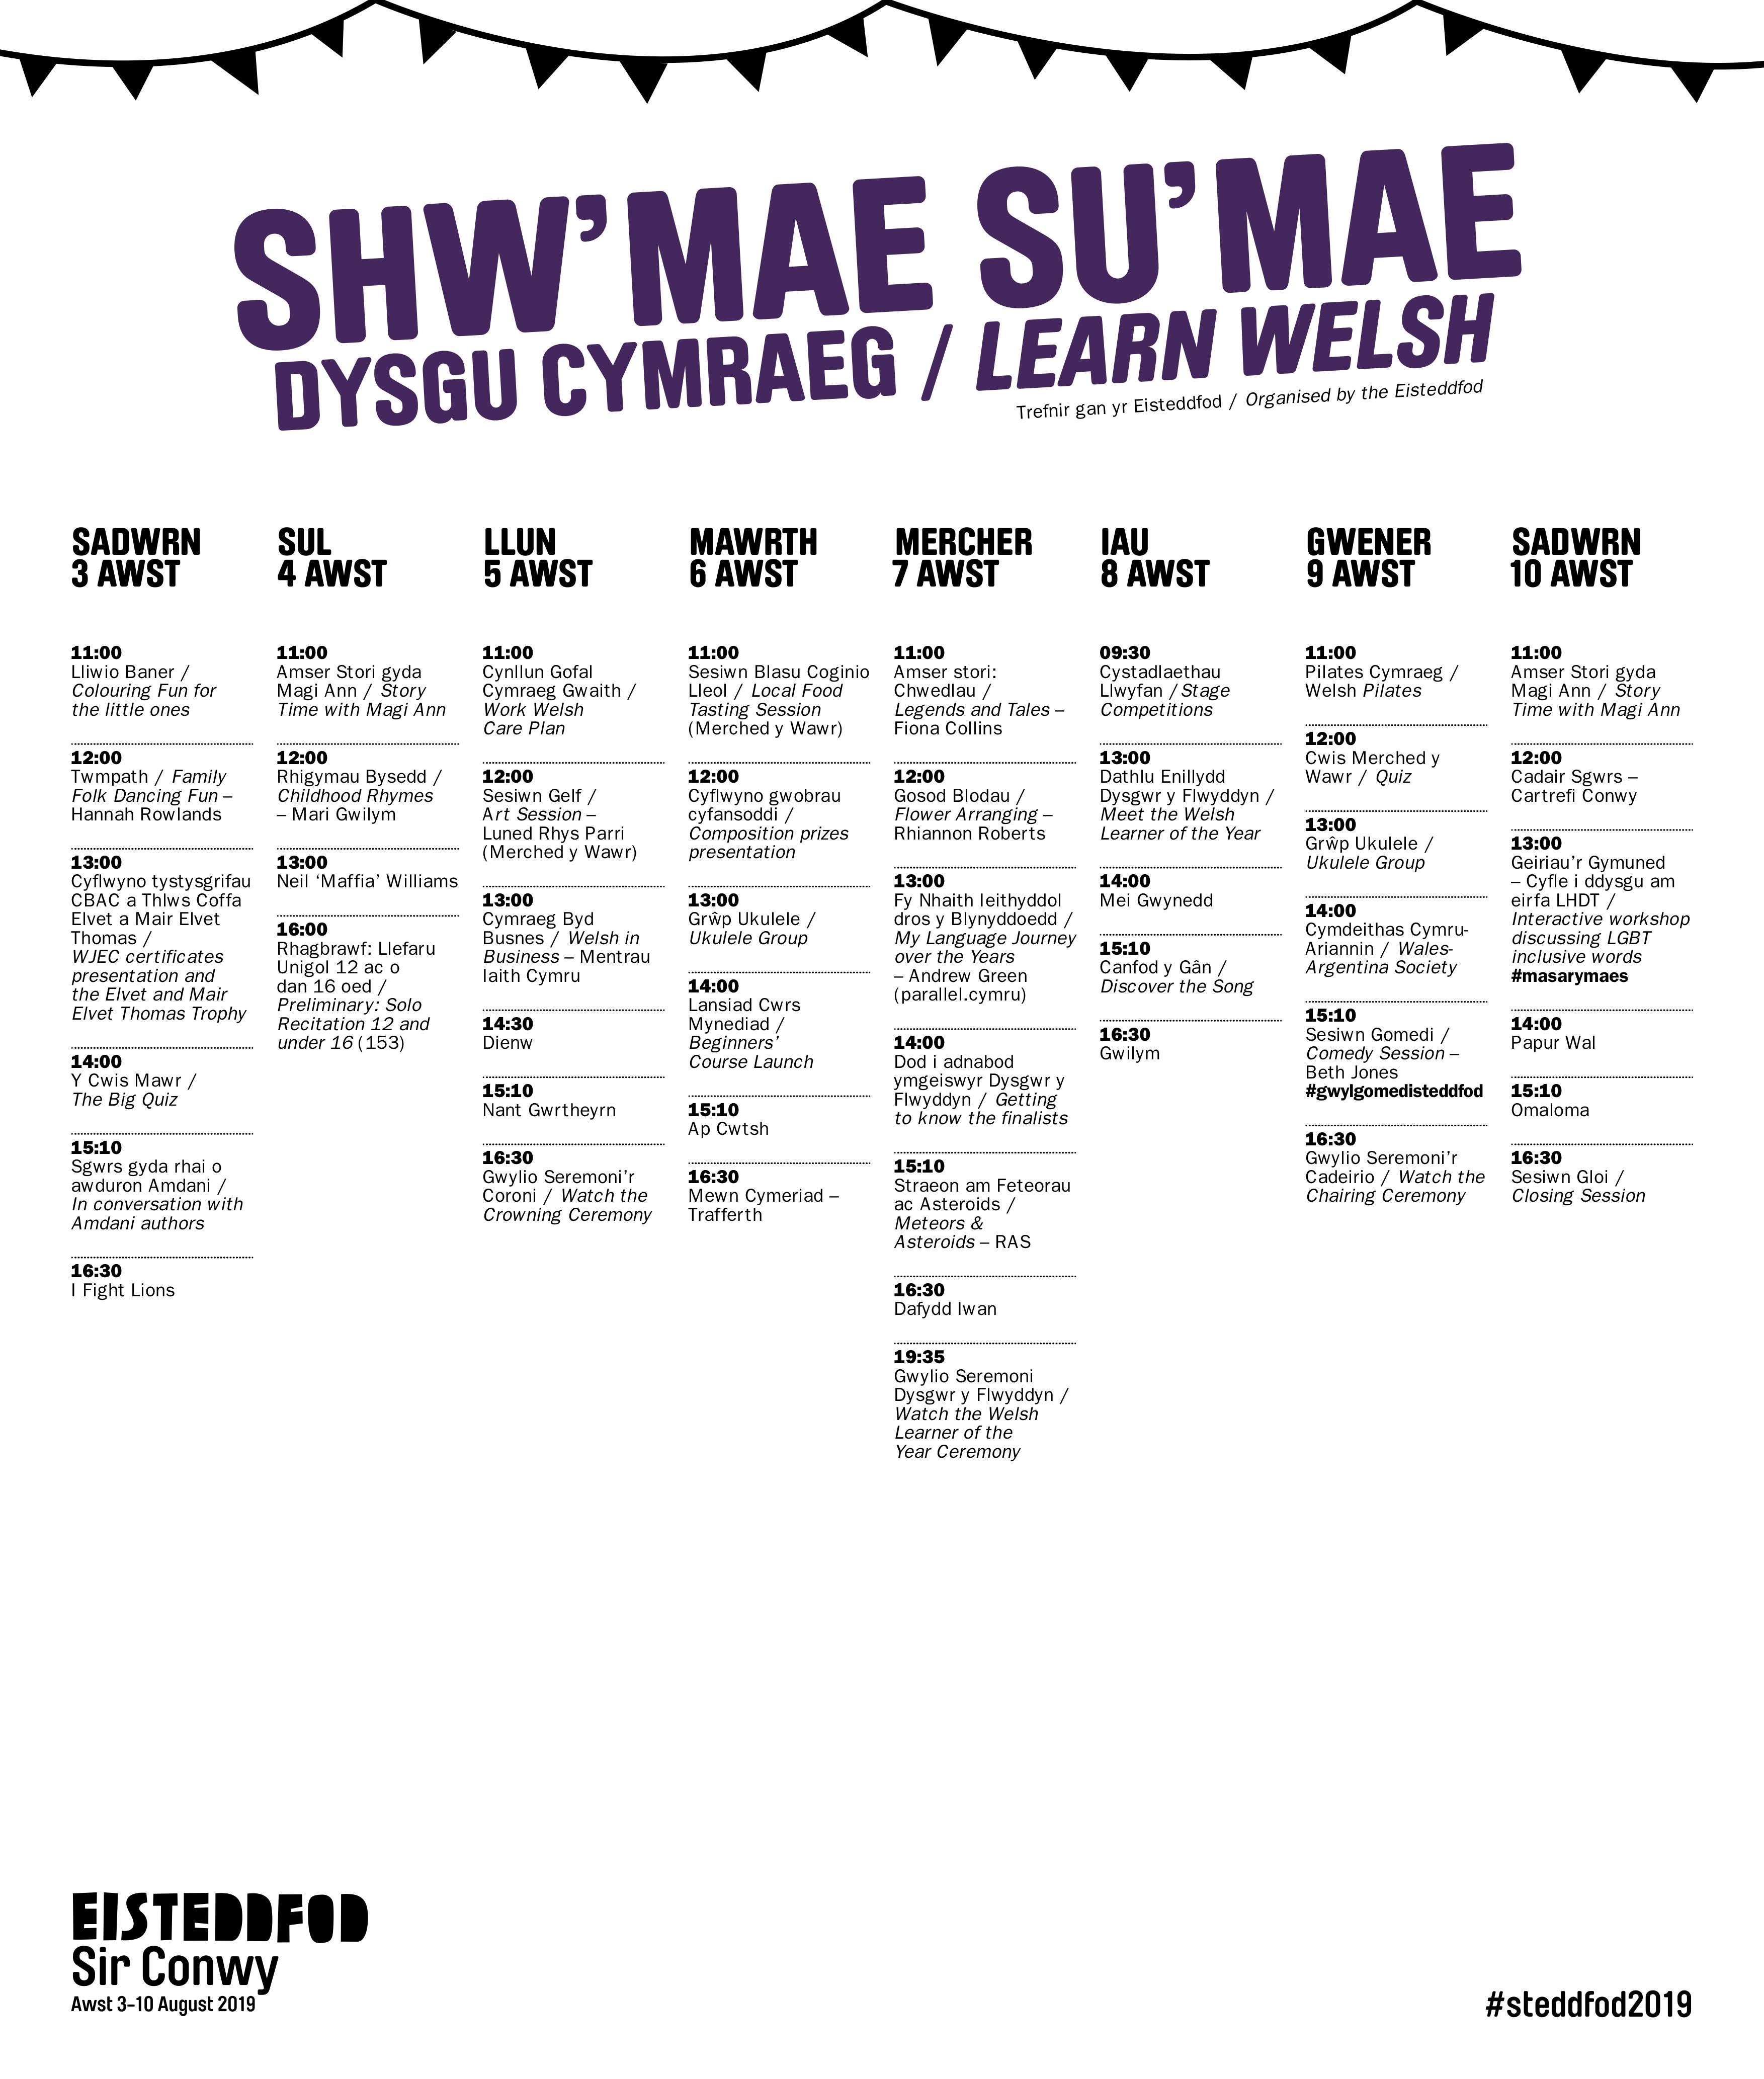 Shw'mae_Su_mae_Amserlen_DG